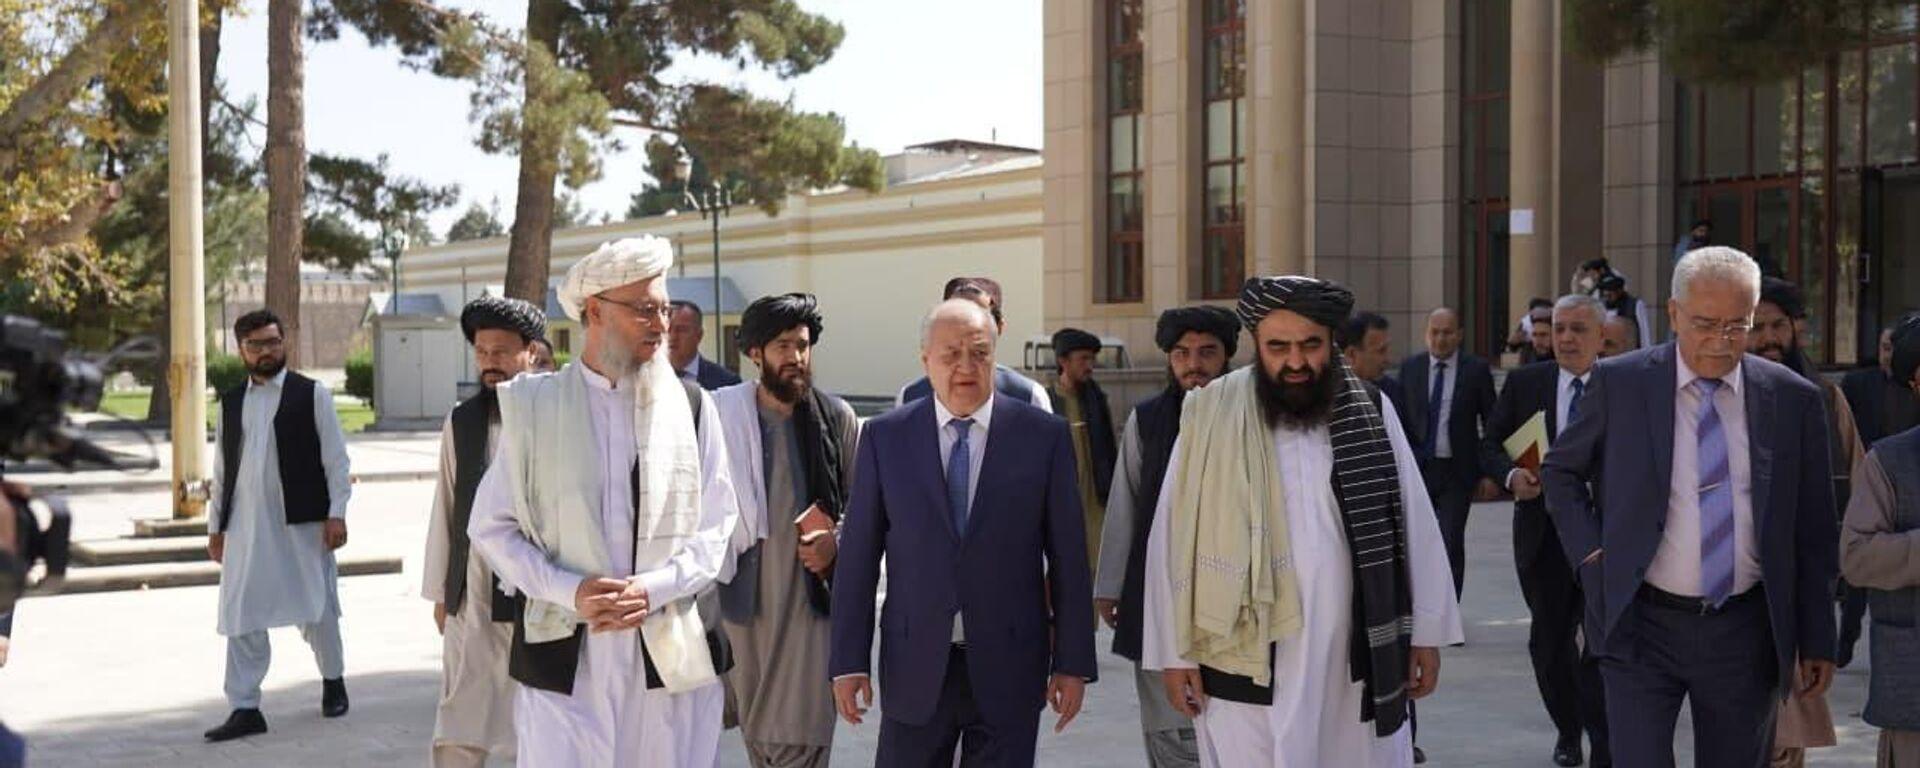 Министр иностранных дел Узбекистана Абдулализ Камилов посетил Кабул с рабочим визитом - Sputnik Узбекистан, 1920, 07.10.2021